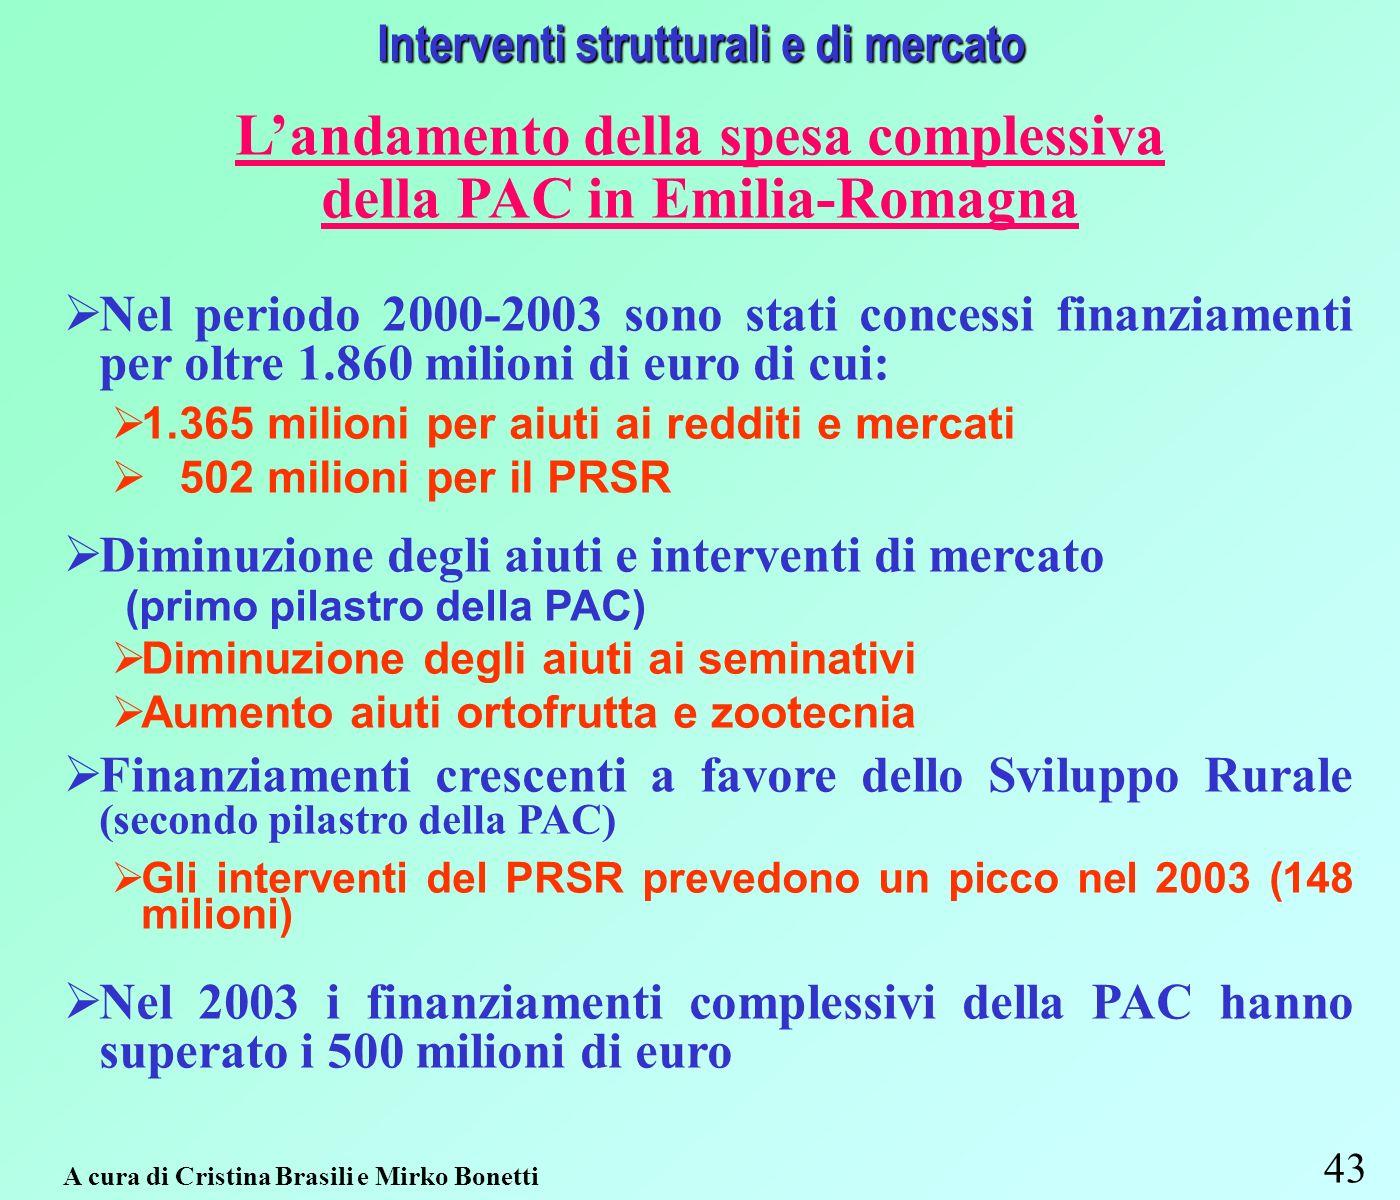 43 Interventi strutturali e di mercato Landamento della spesa complessiva della PAC in Emilia-Romagna Nel periodo 2000-2003 sono stati concessi finanziamenti per oltre 1.860 milioni di euro di cui: 1.365 milioni per aiuti ai redditi e mercati 502 milioni per il PRSR Diminuzione degli aiuti e interventi di mercato (primo pilastro della PAC) Diminuzione degli aiuti ai seminativi Aumento aiuti ortofrutta e zootecnia Finanziamenti crescenti a favore dello Sviluppo Rurale (secondo pilastro della PAC) Gli interventi del PRSR prevedono un picco nel 2003 (148 milioni) Nel 2003 i finanziamenti complessivi della PAC hanno superato i 500 milioni di euro A cura di Cristina Brasili e Mirko Bonetti